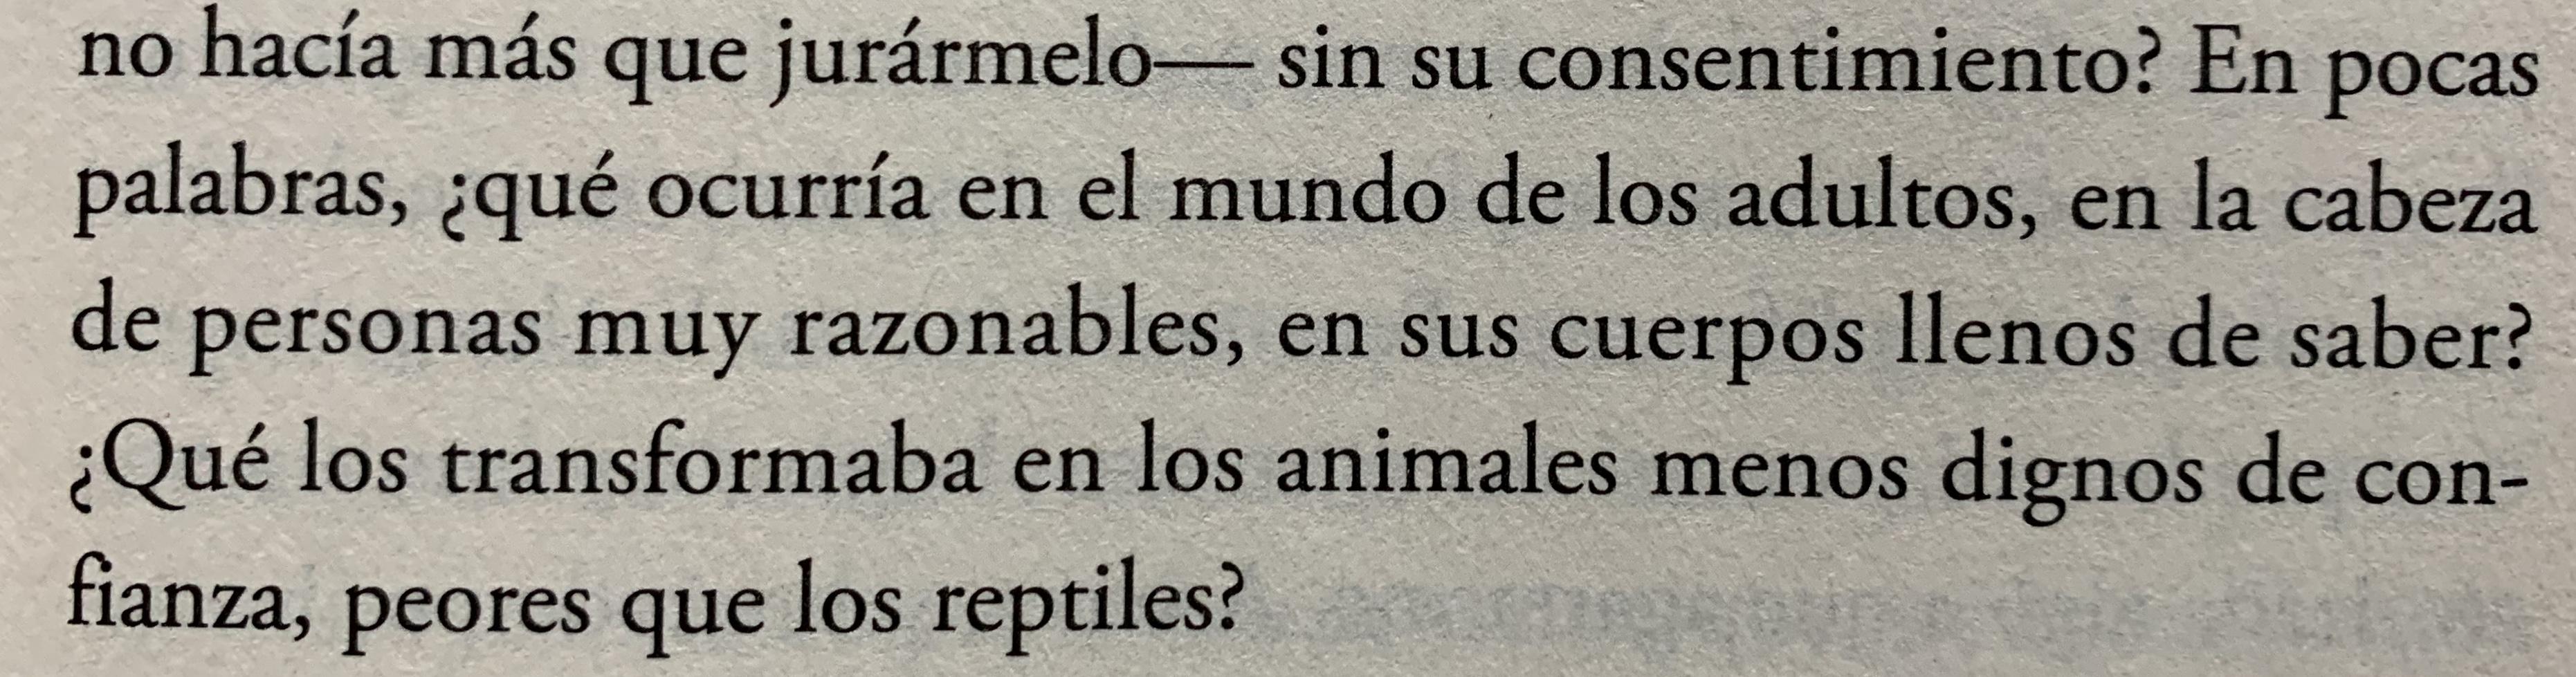 Fragmento del libro La vida mentirosa de los adultos de Elena Ferrante